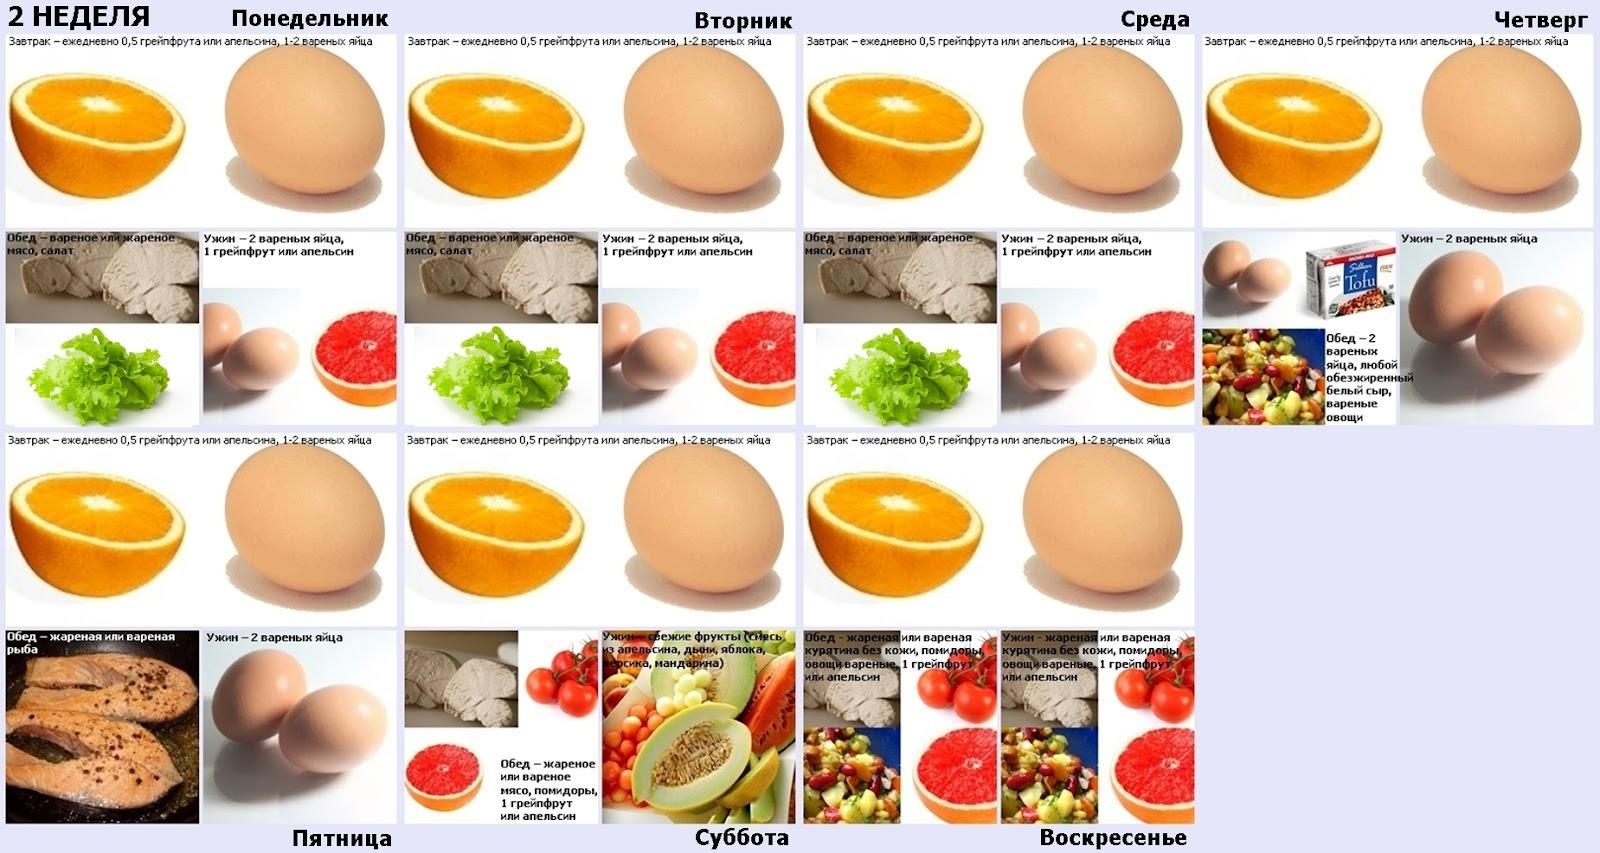 Белковая яичная диета меню